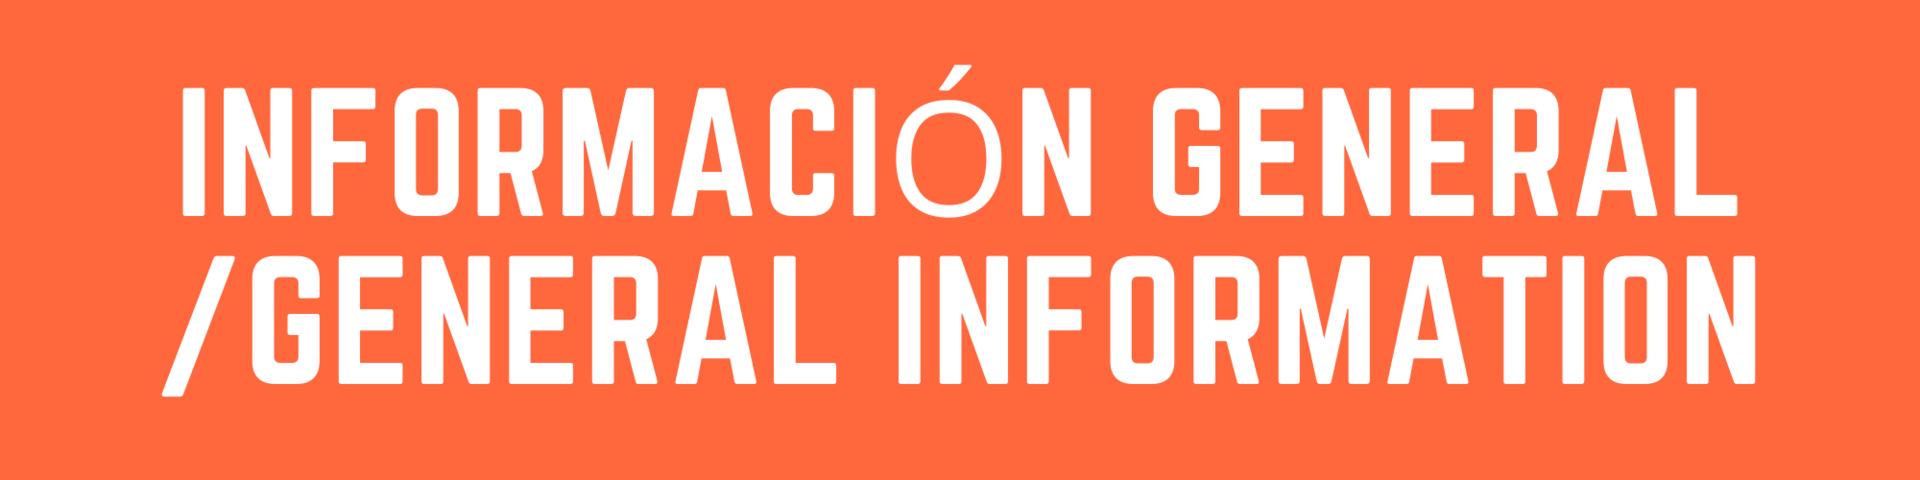 General Information banner